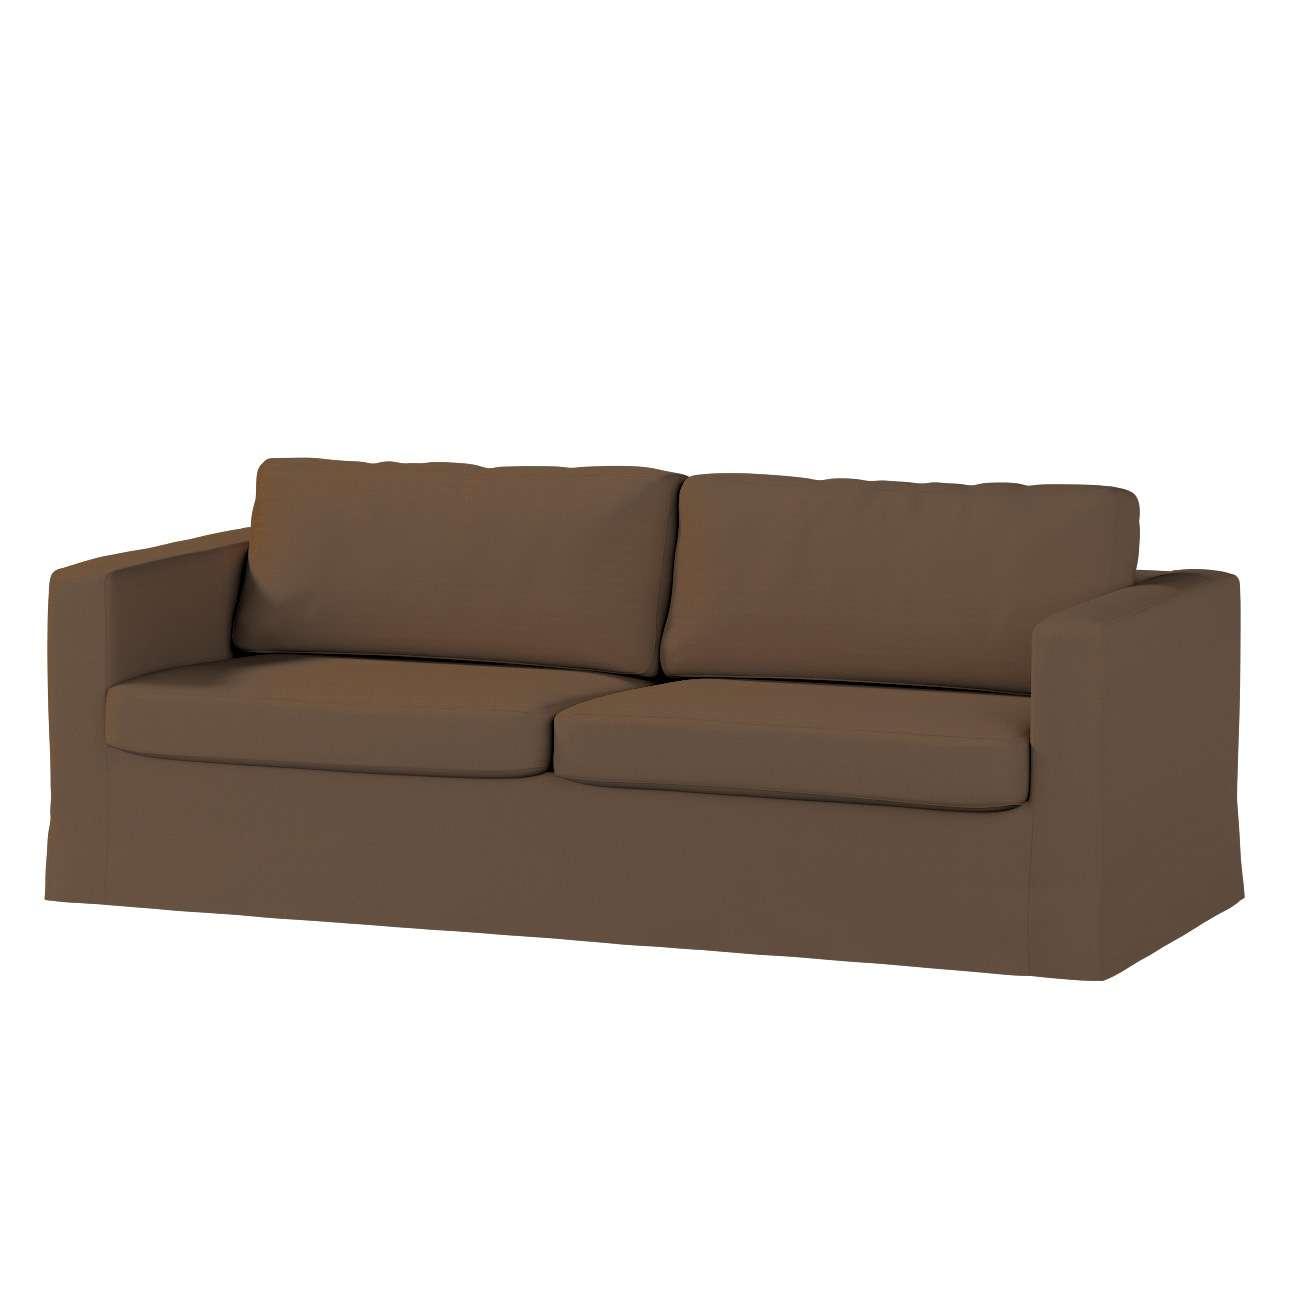 Pokrowiec na sofę Karlstad 3-osobową nierozkładaną, długi Sofa Karlstad 3-osobowa w kolekcji Cotton Panama, tkanina: 702-02